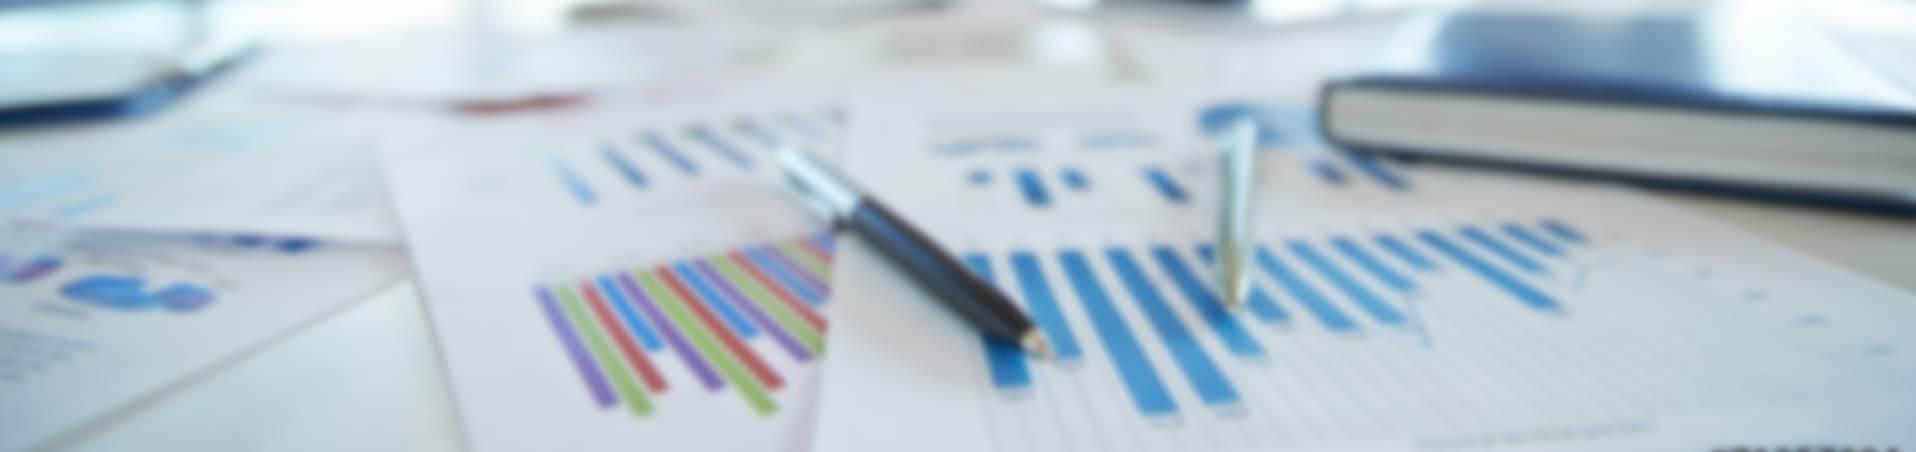 Découvrez notre logiciel d'enquête en ligne et de reporting.